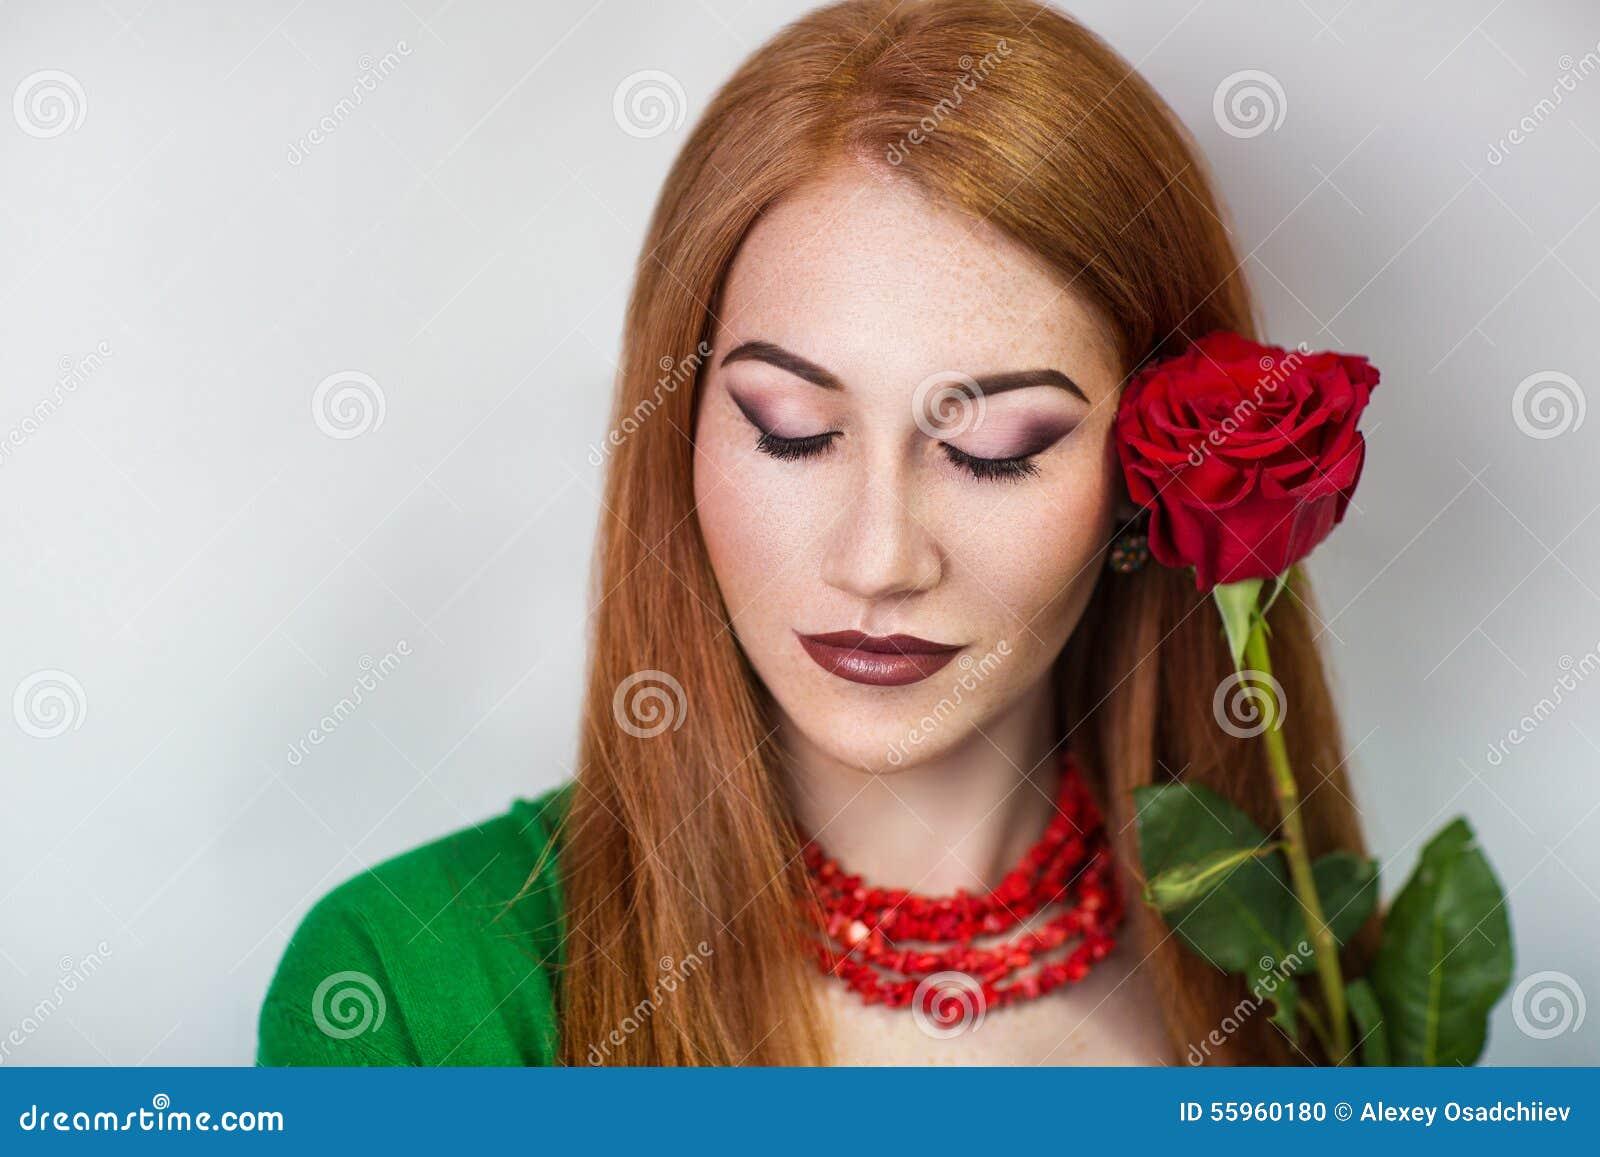 Девушка модель работы с датами ищем лицо бренда